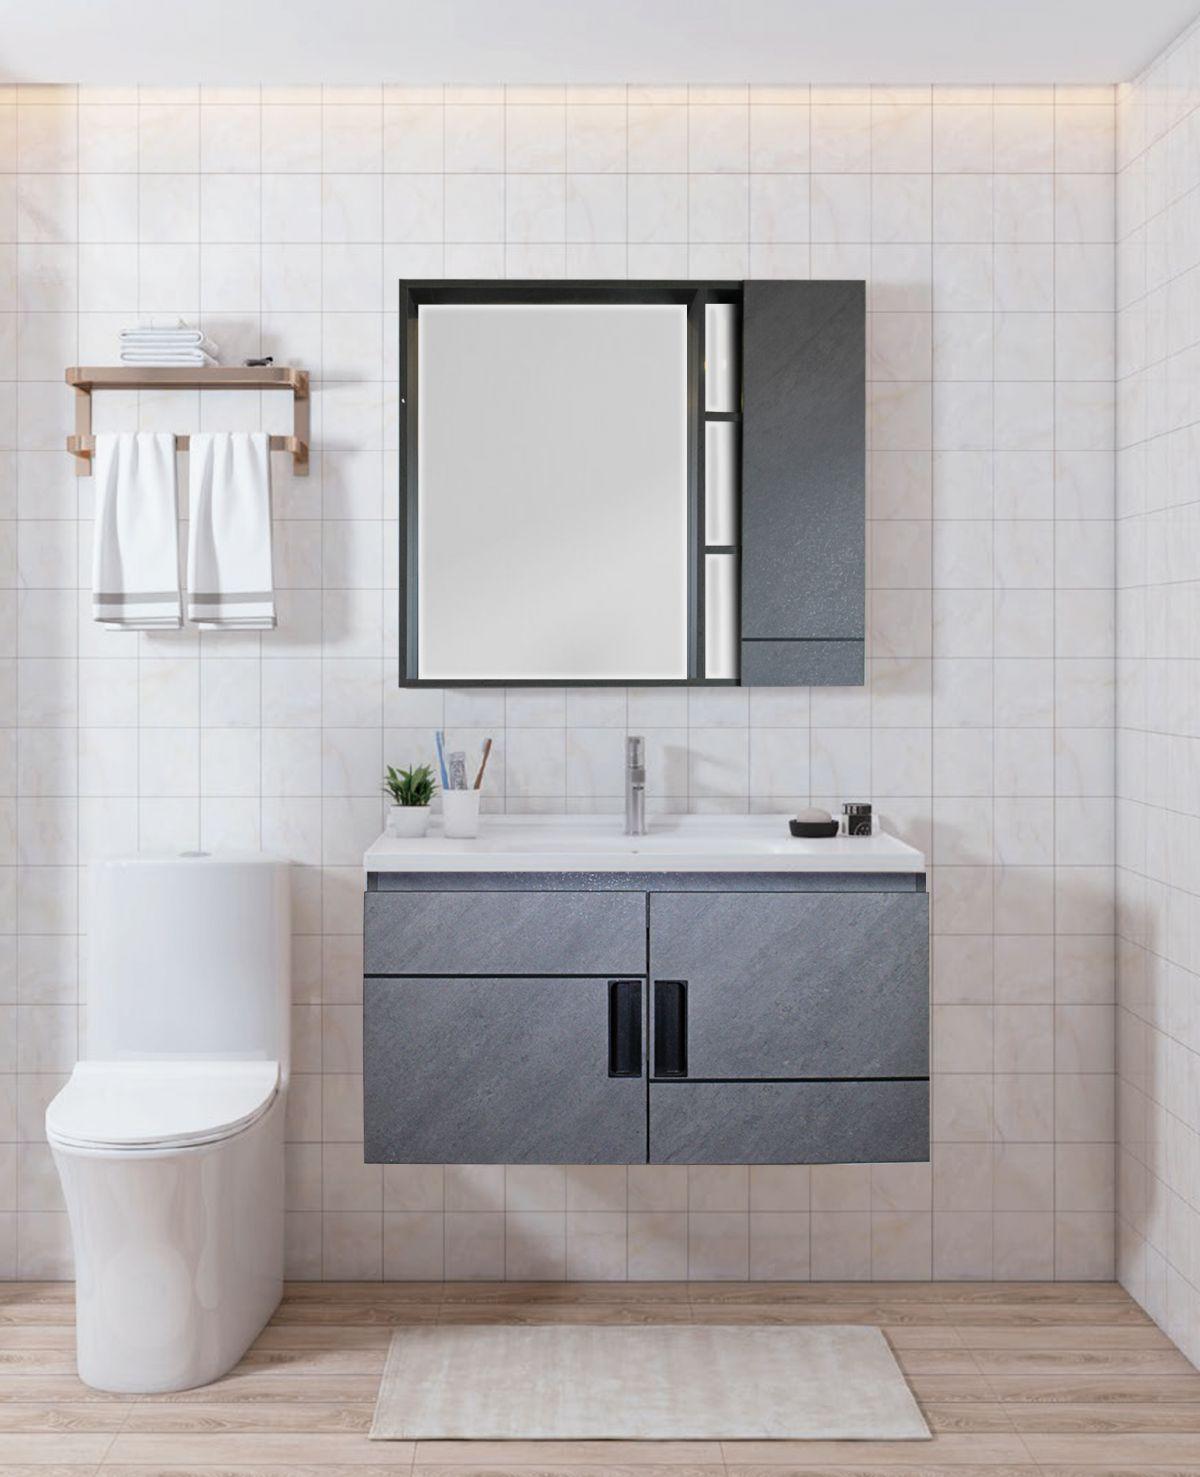 BUDAPEST Mobile bagno Budapest sospeso da 80 cm grigio spazzolato con lavabo specchio e pensile